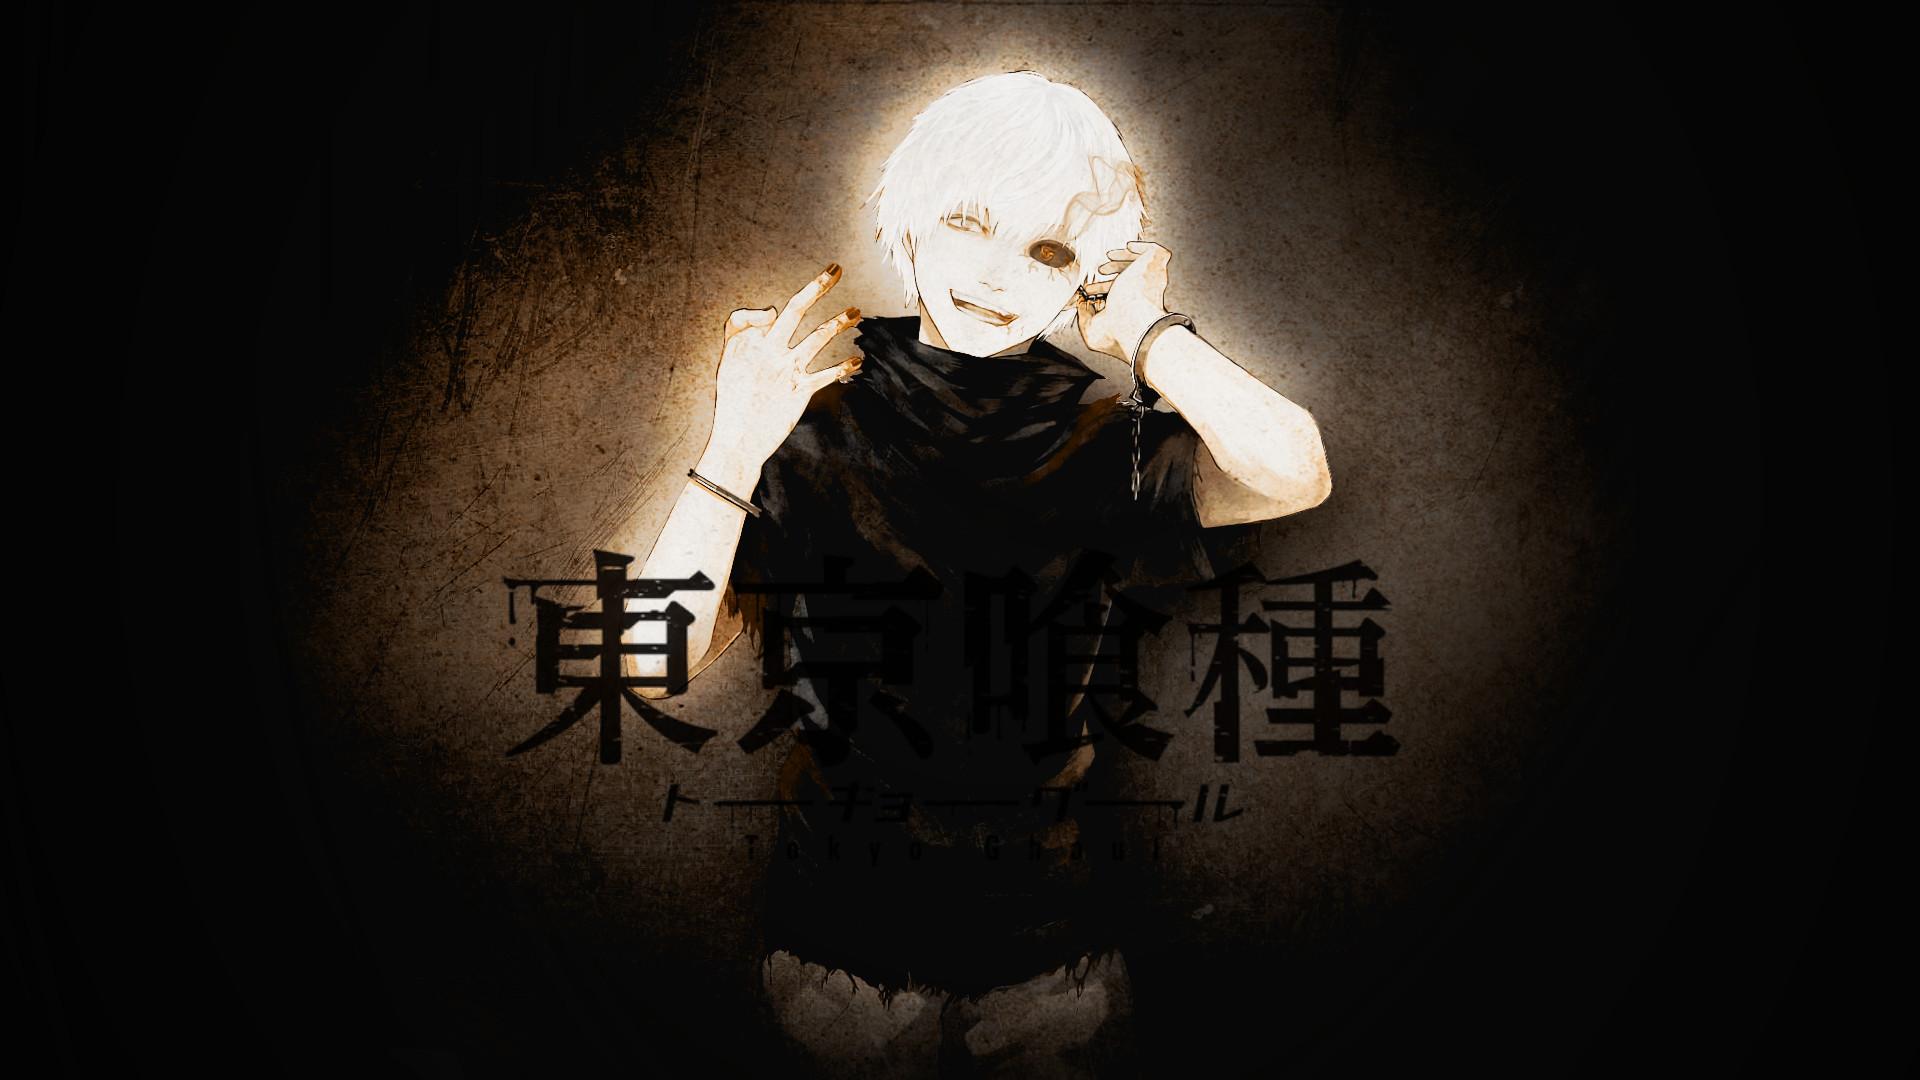 tokyo ghoul kaneki ken white hair wallpaper